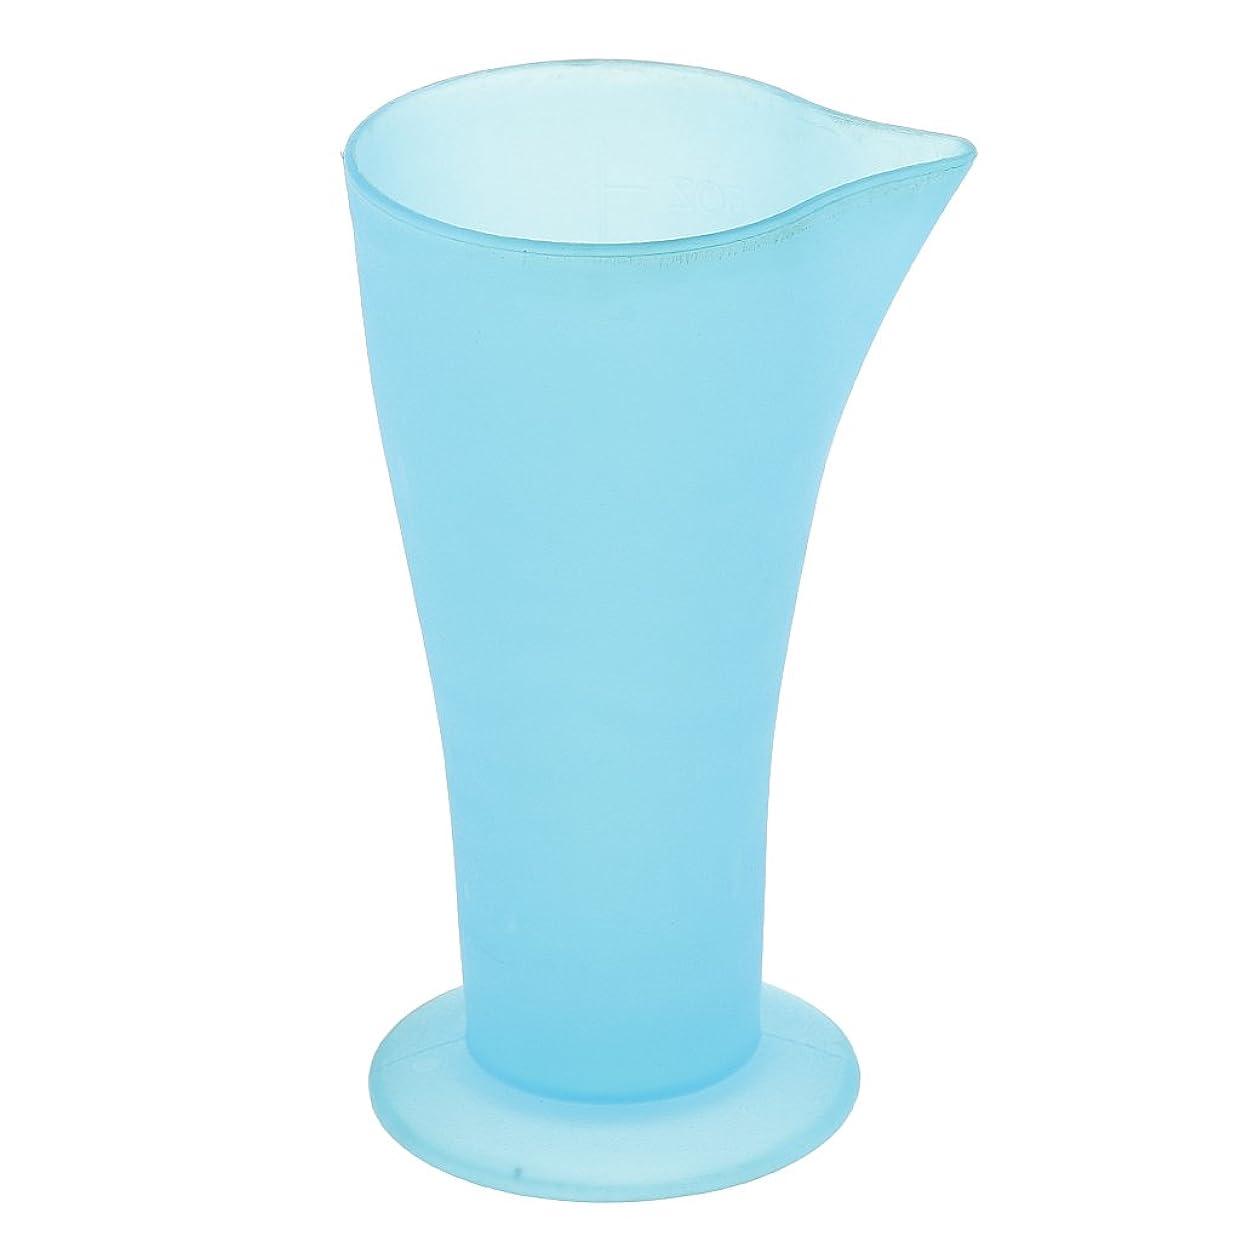 良心的霧深い略語Sharplace ヘアダイ容器 計量カップ 白髪染め ヘアカラ 再使用可能 ブルー